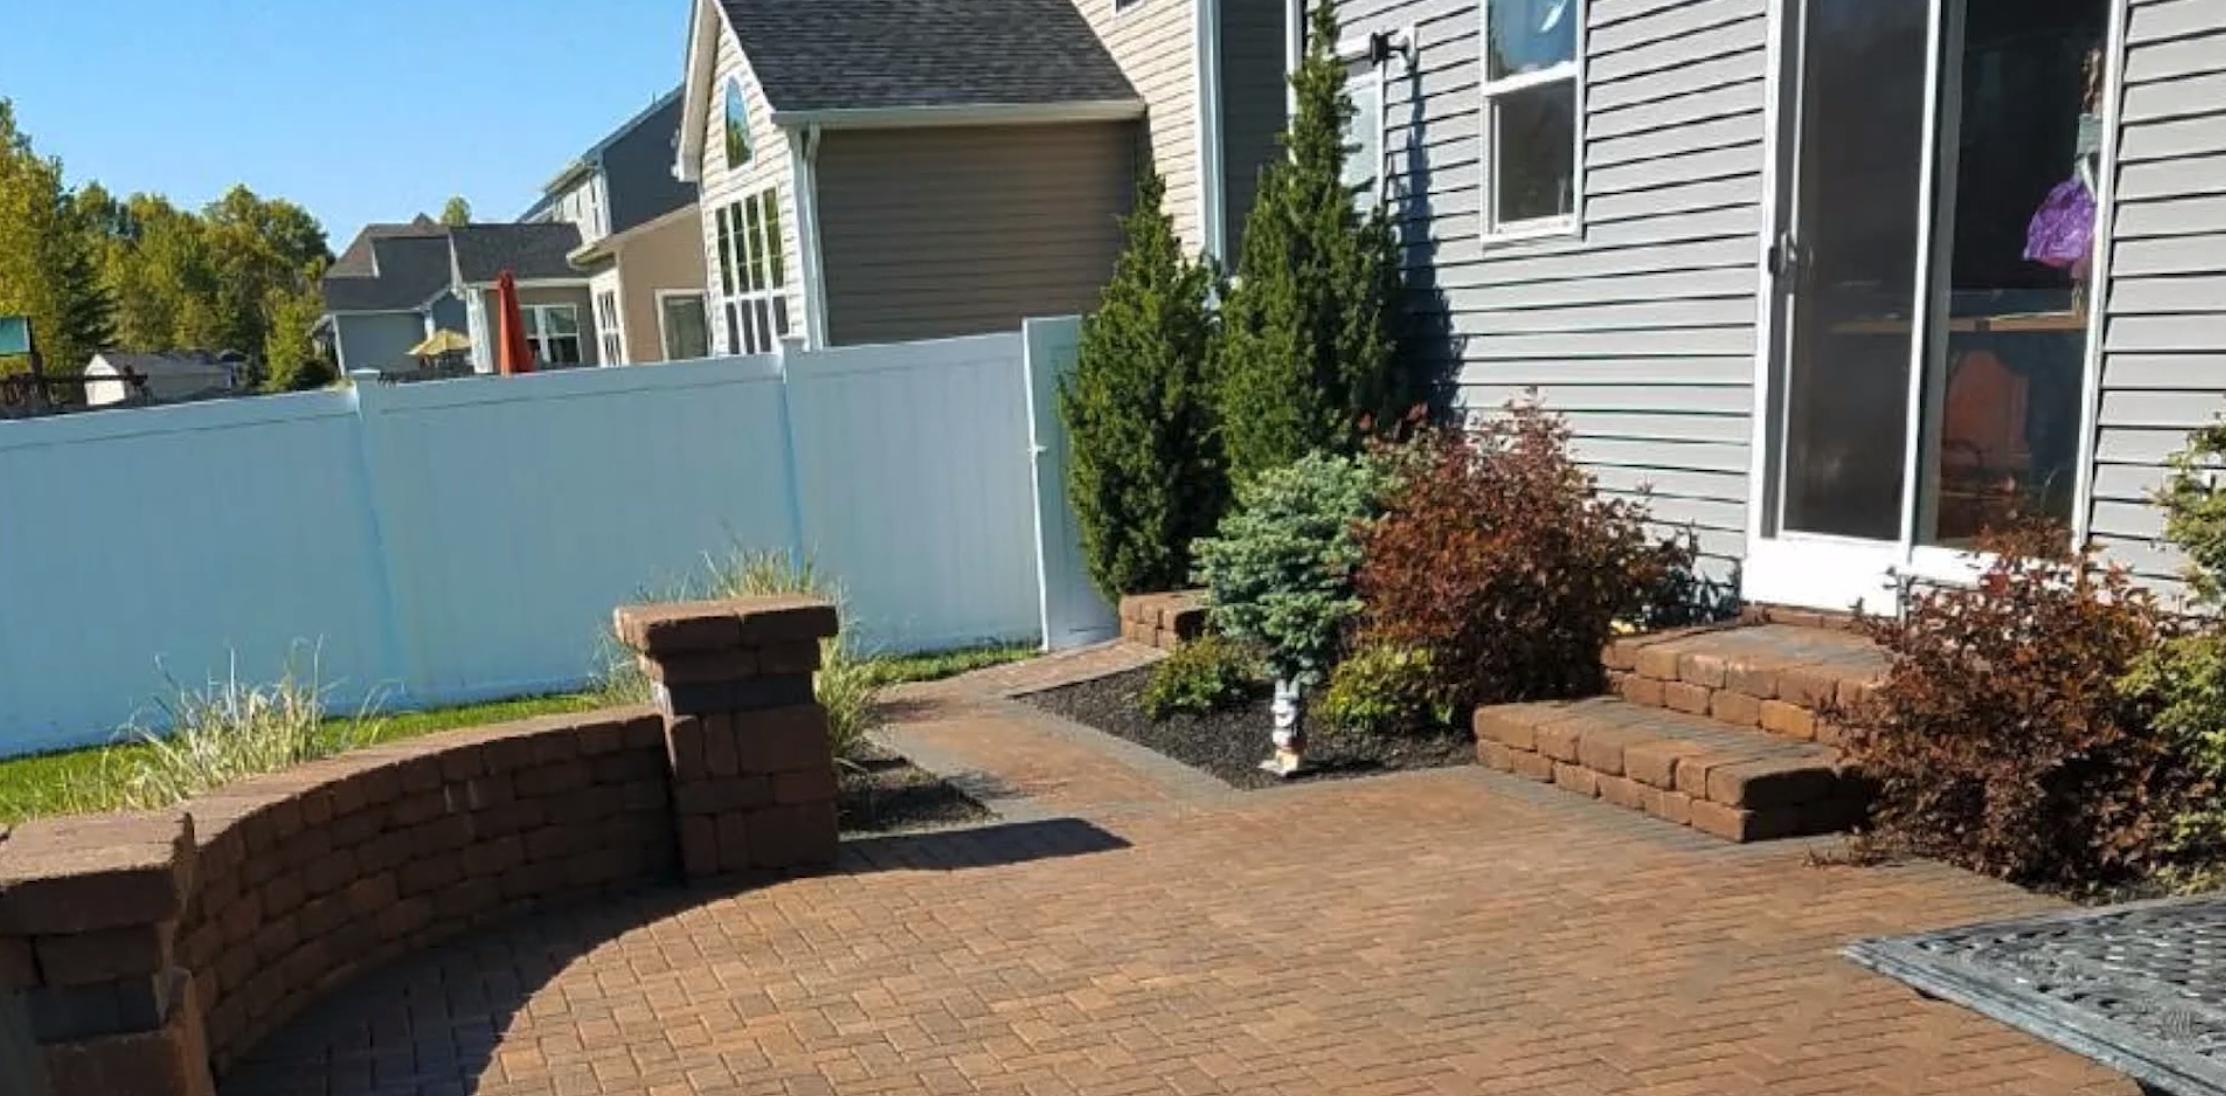 Paver patio done by Seasonal Yard Work with warranty | Avon, Ohio